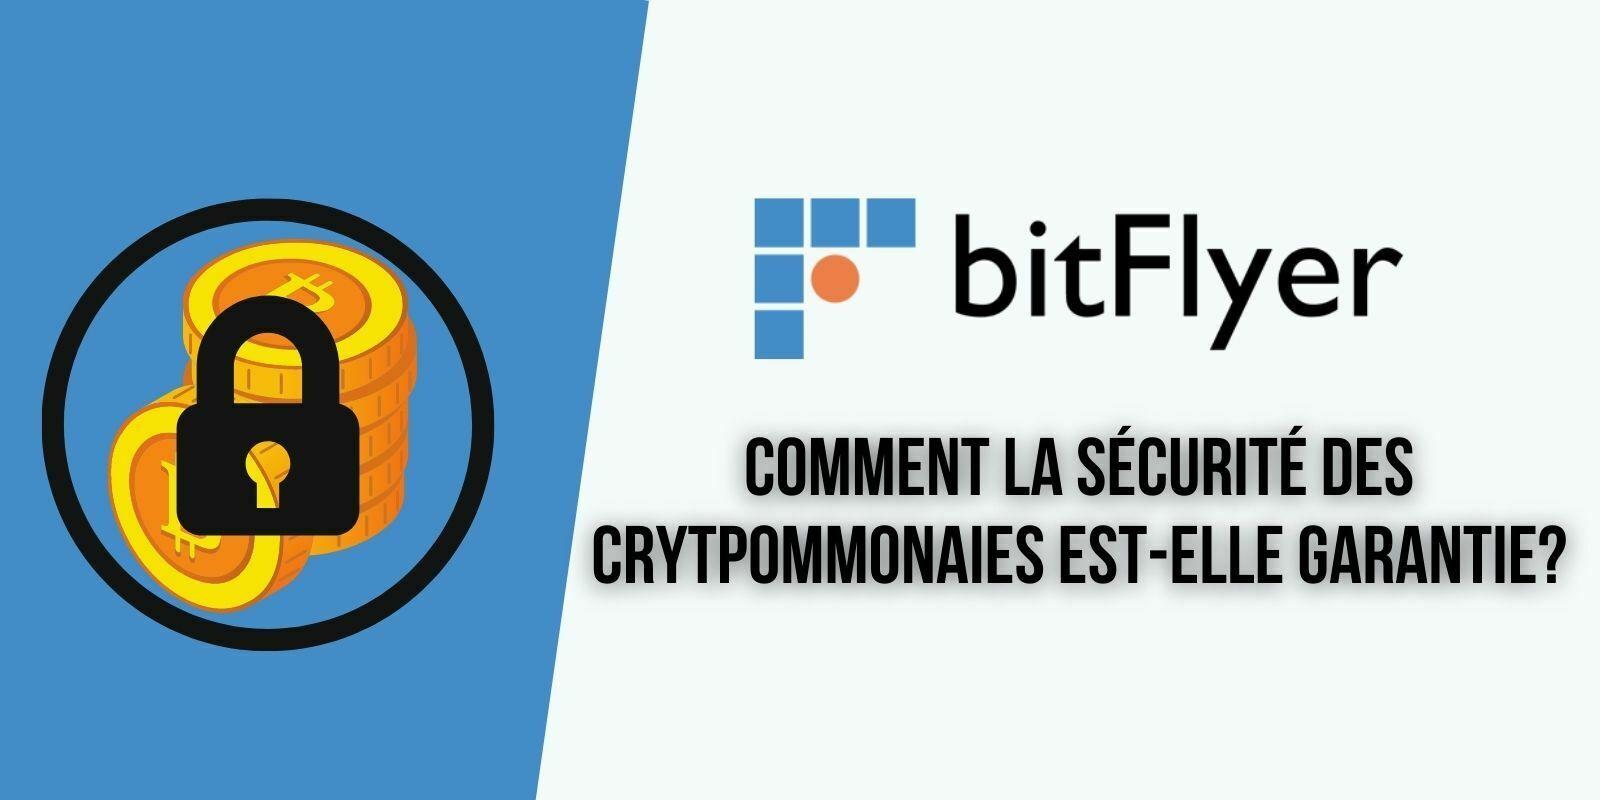 Comment la plateforme bitFlyer assure-t-elle la sécurité de vos cryptomonnaies ?